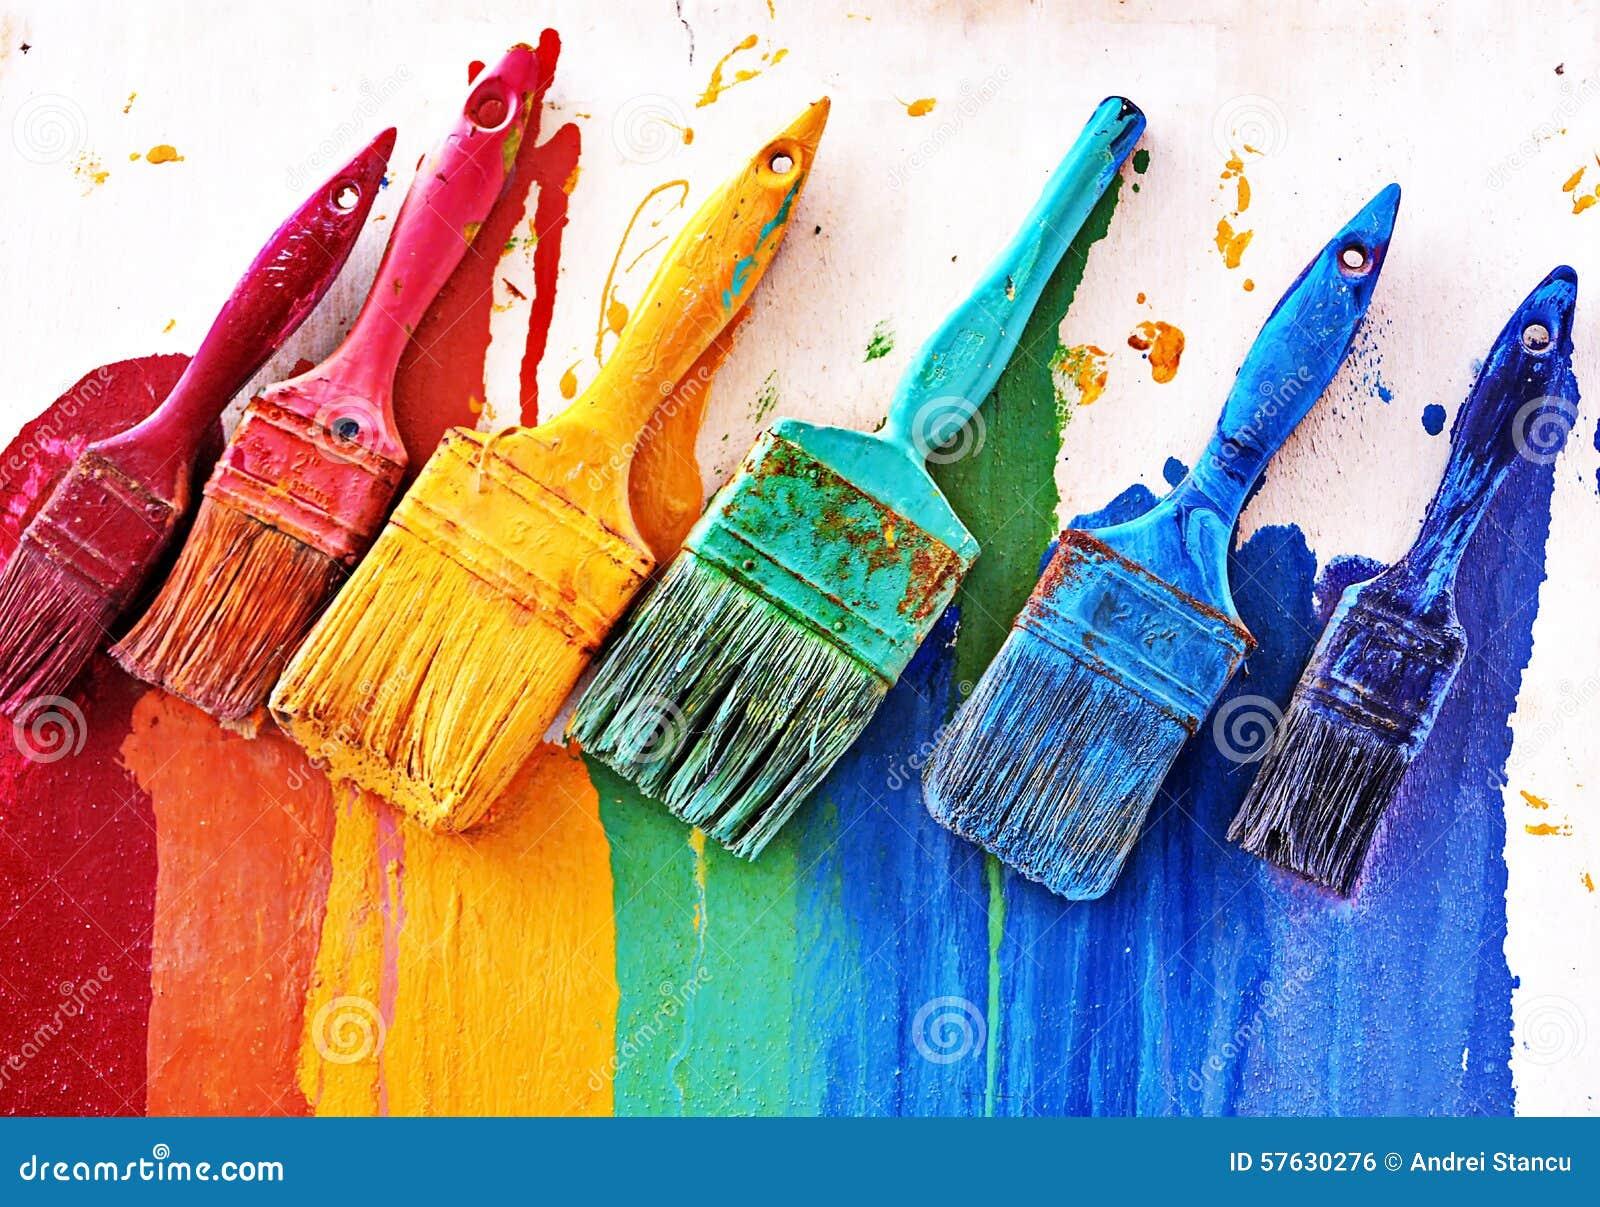 Choix des couleurs photo stock image 57630276 for Choix de couleurs